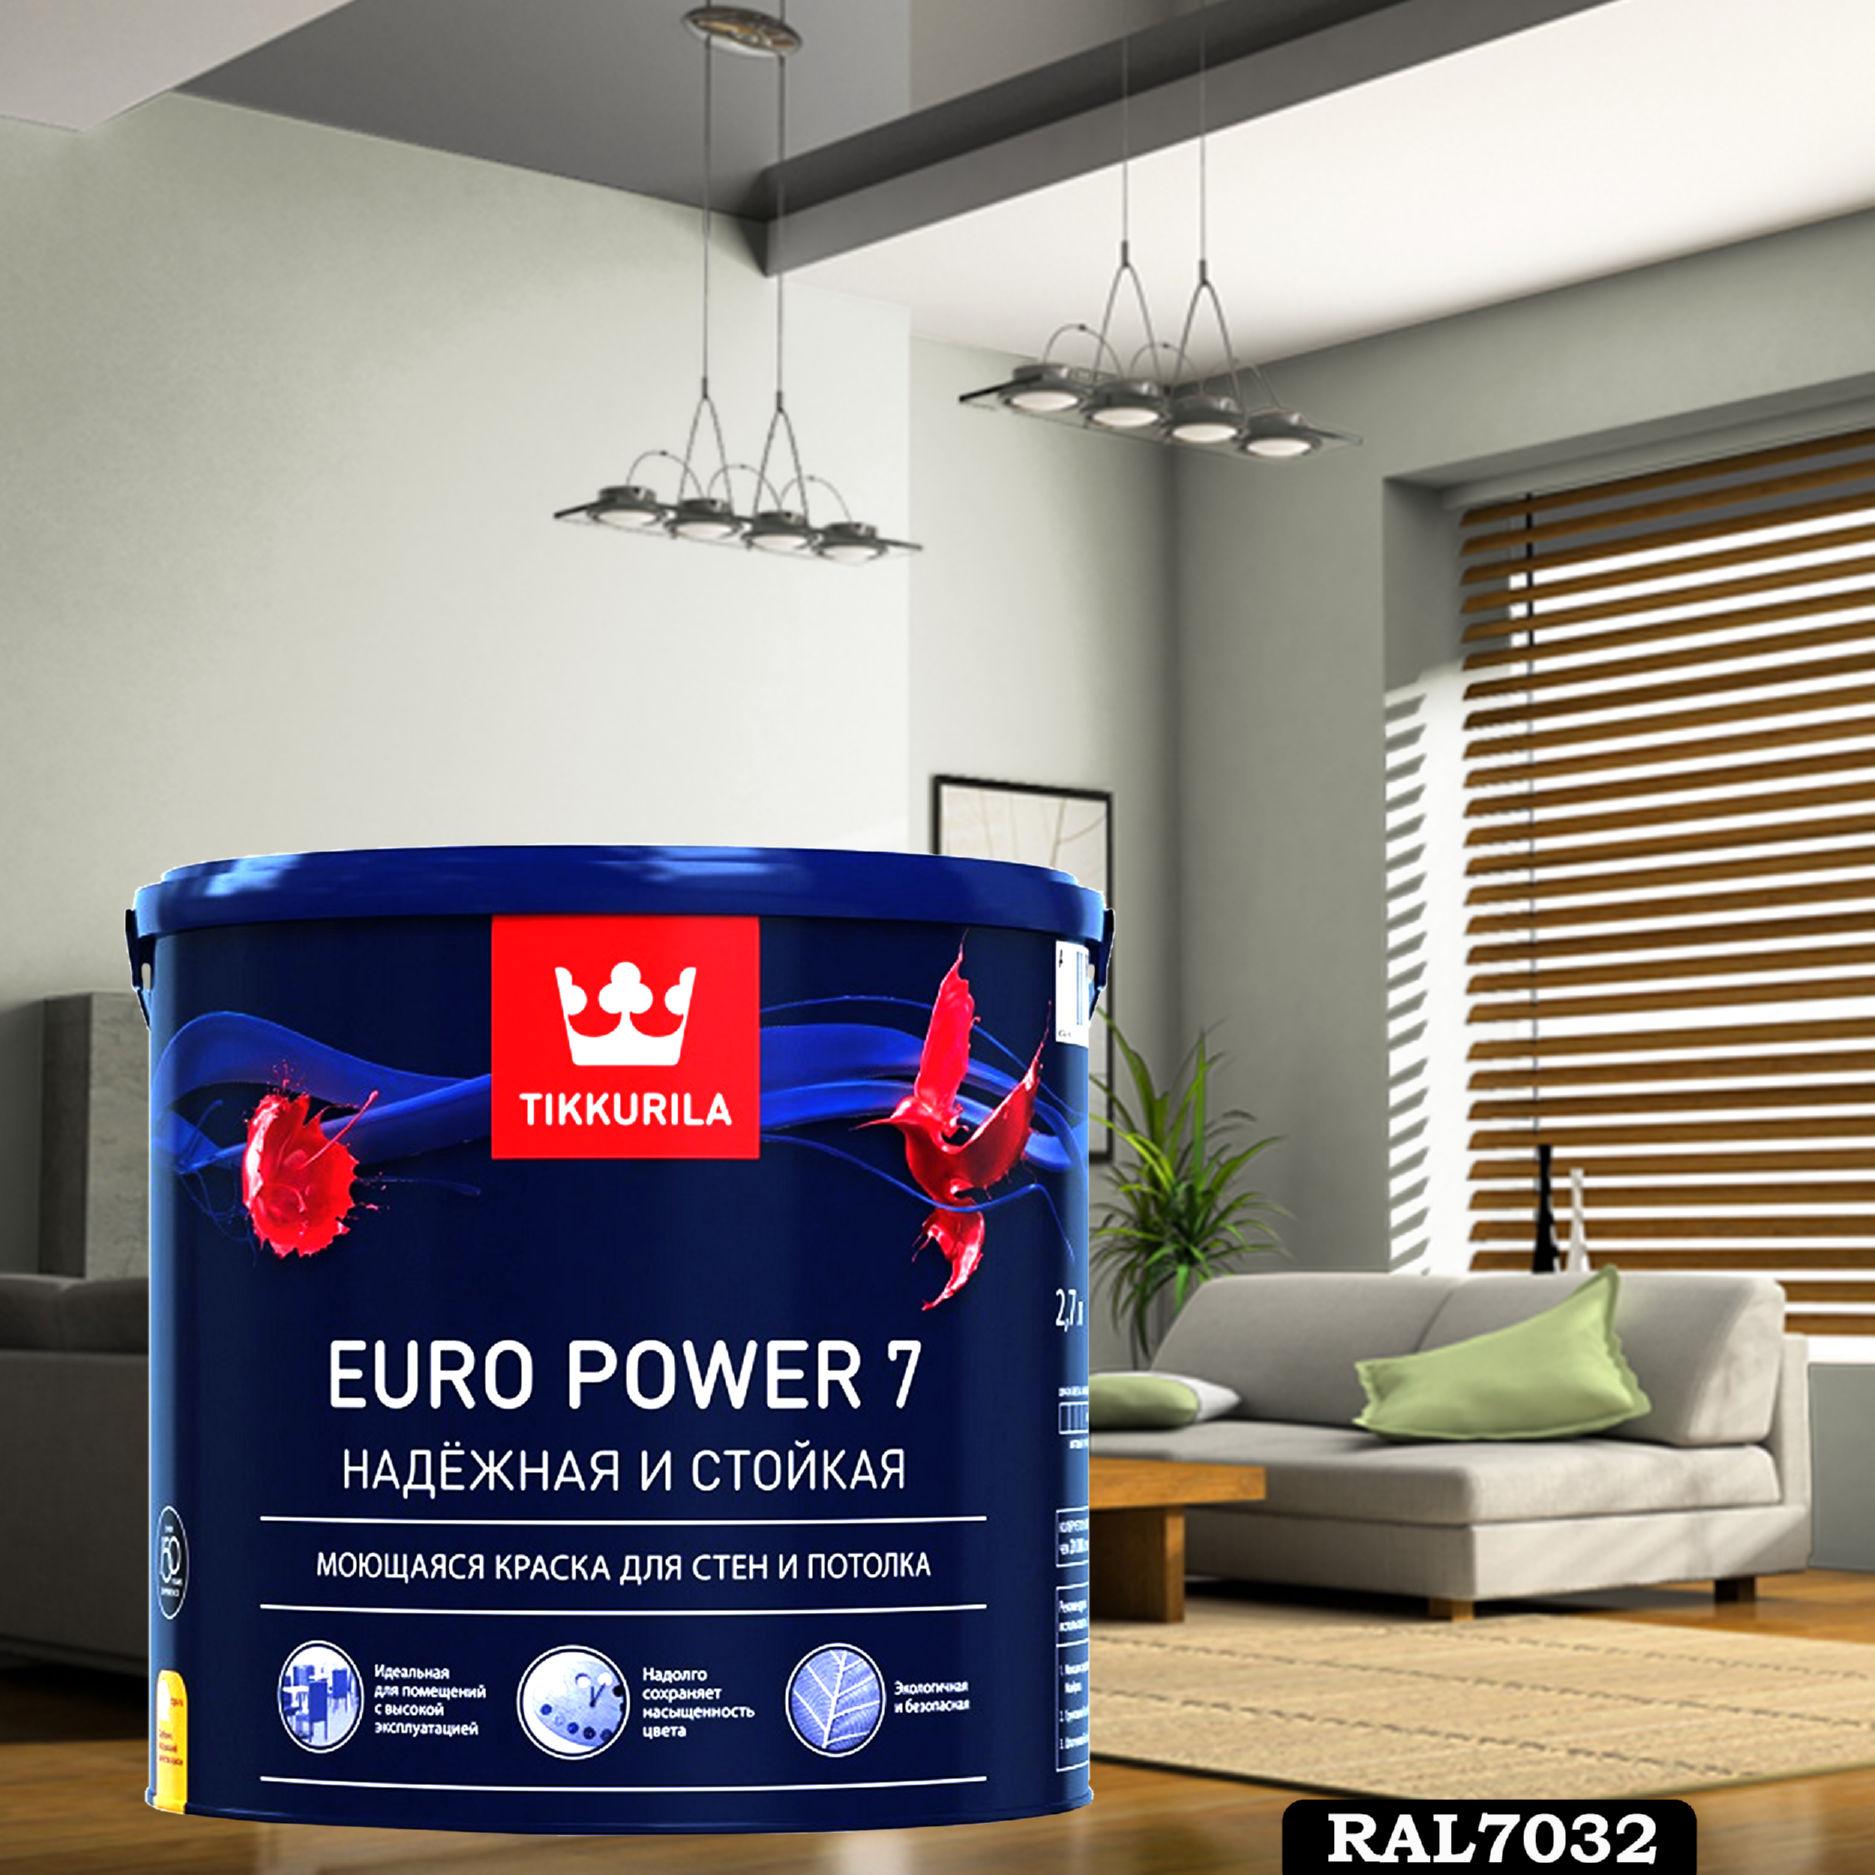 Фото 23 - Краска TIKKURILA Euro Power 7,  RAL 7032 Серая-галька, латексная моющаяся матовая интерьерная, 9 л.